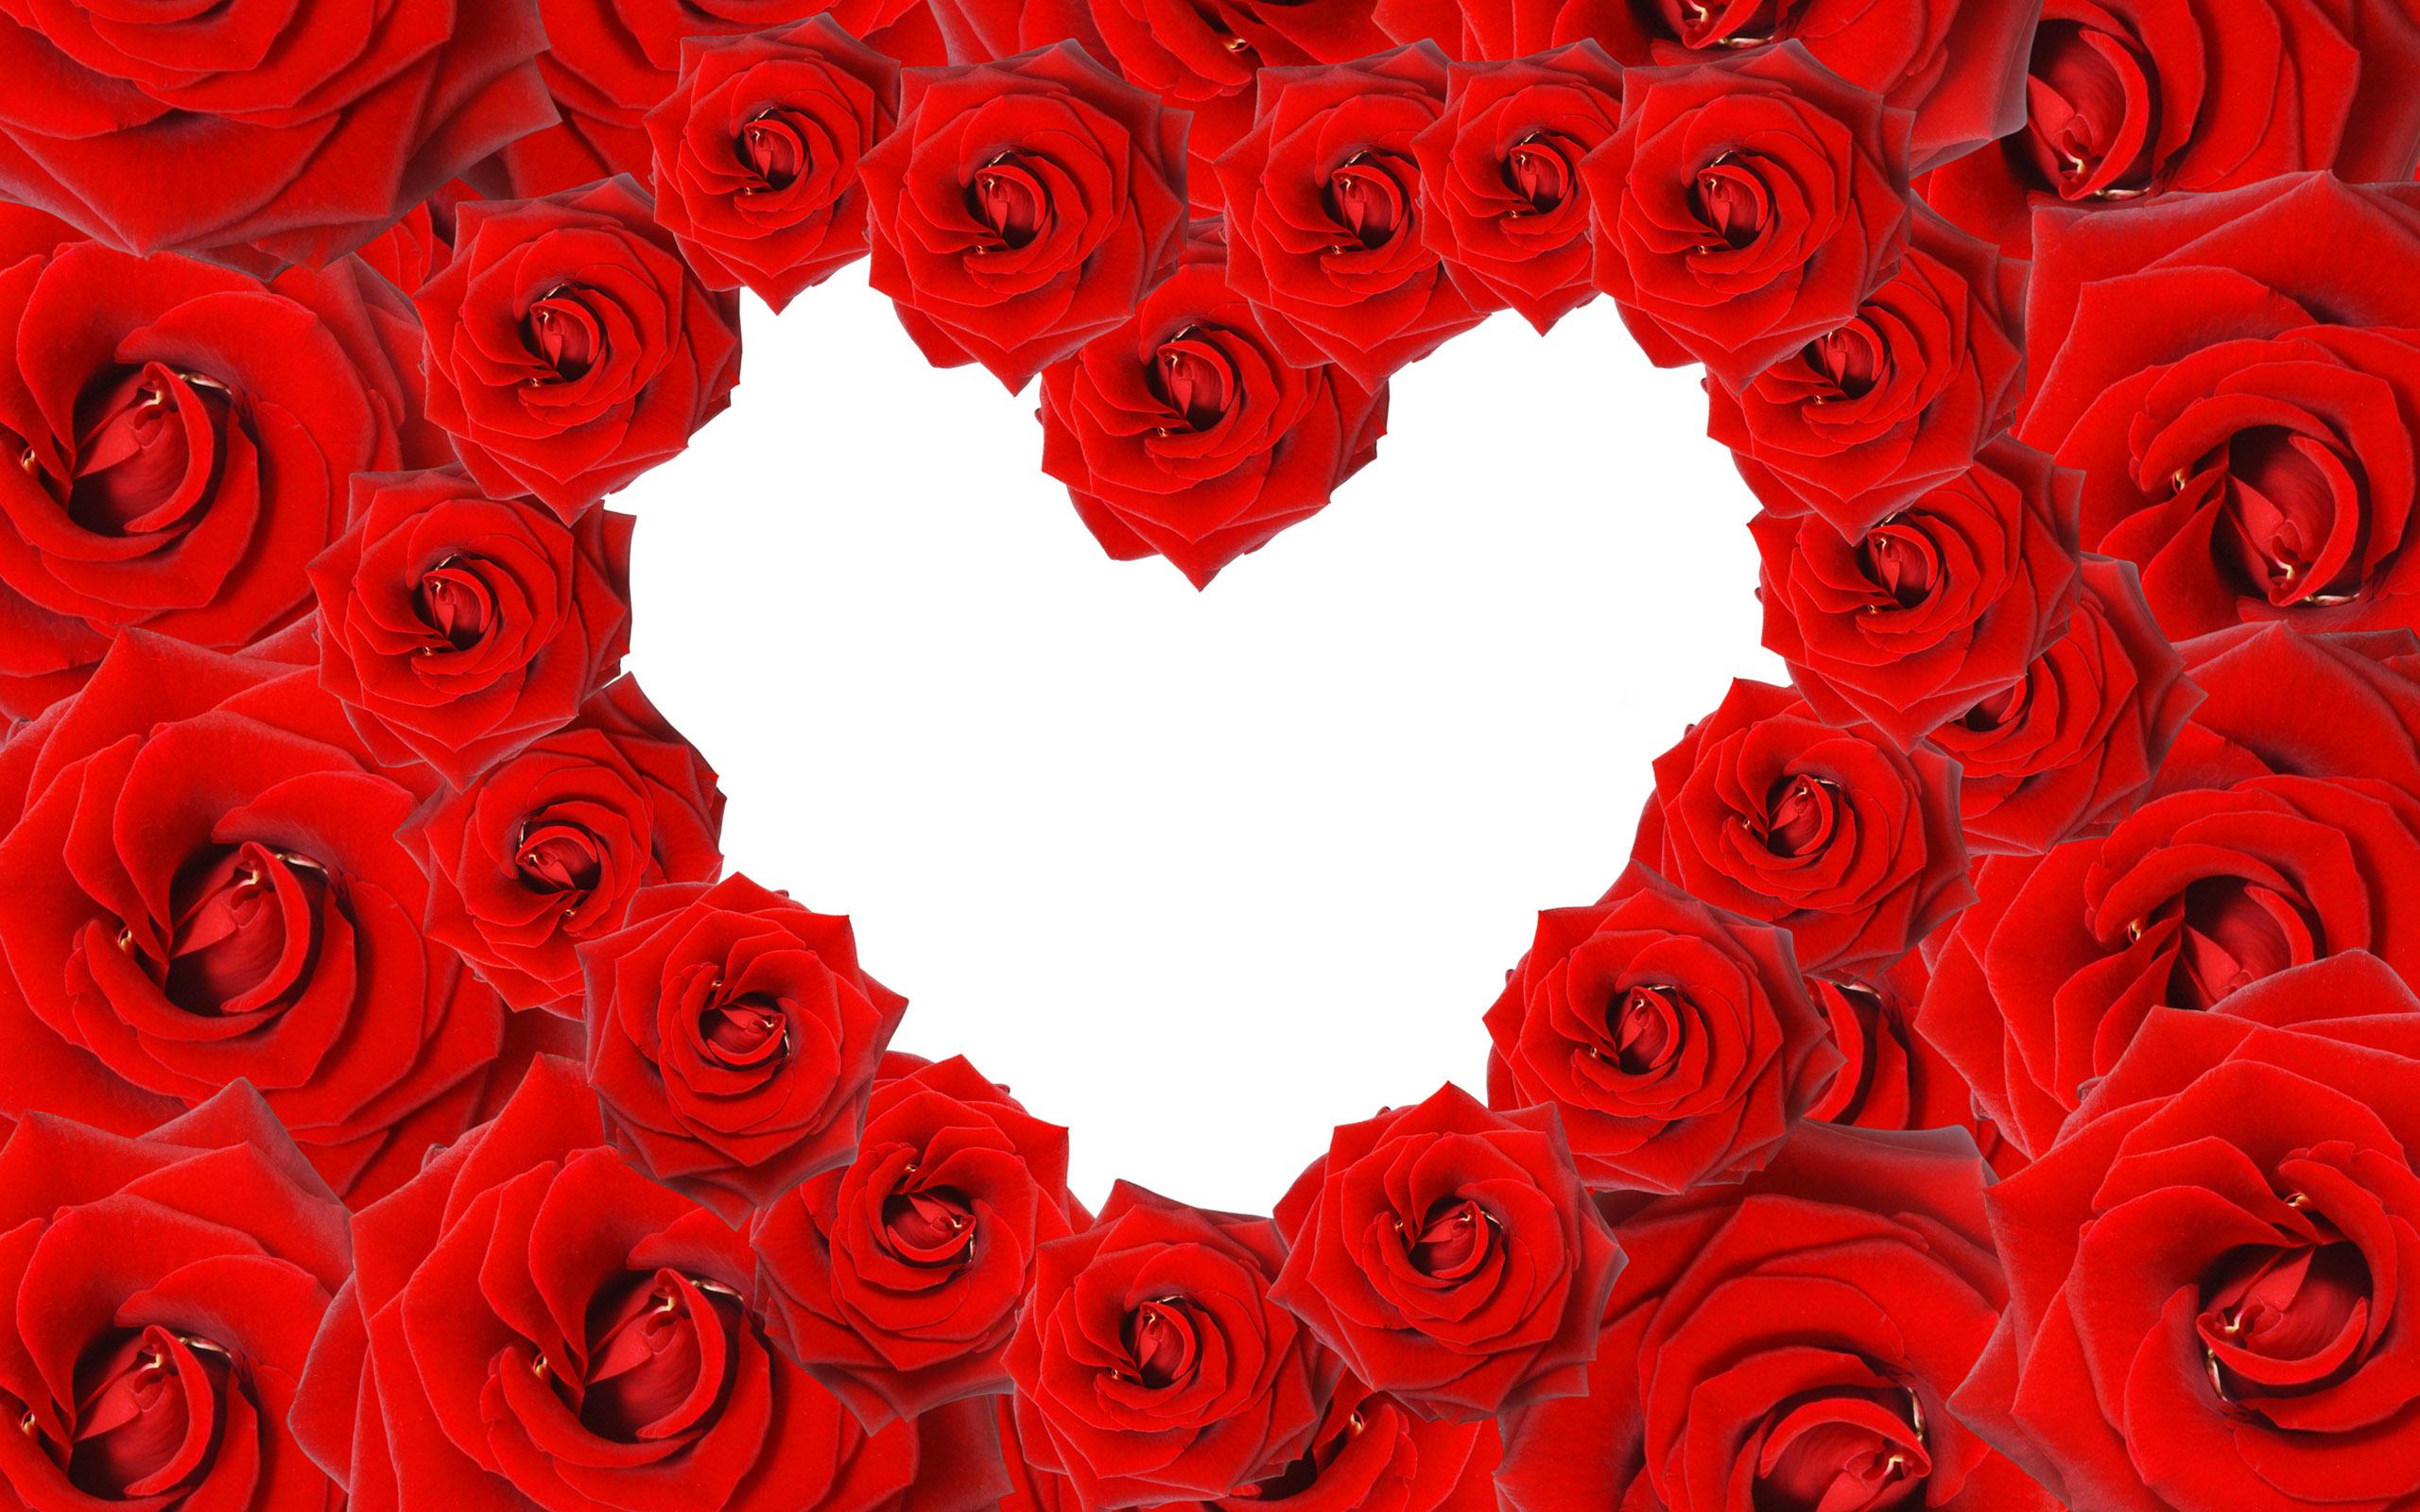 صور قلوب مجروحة وحزينة قلوب حب حمراء مكسورة ميكساتك